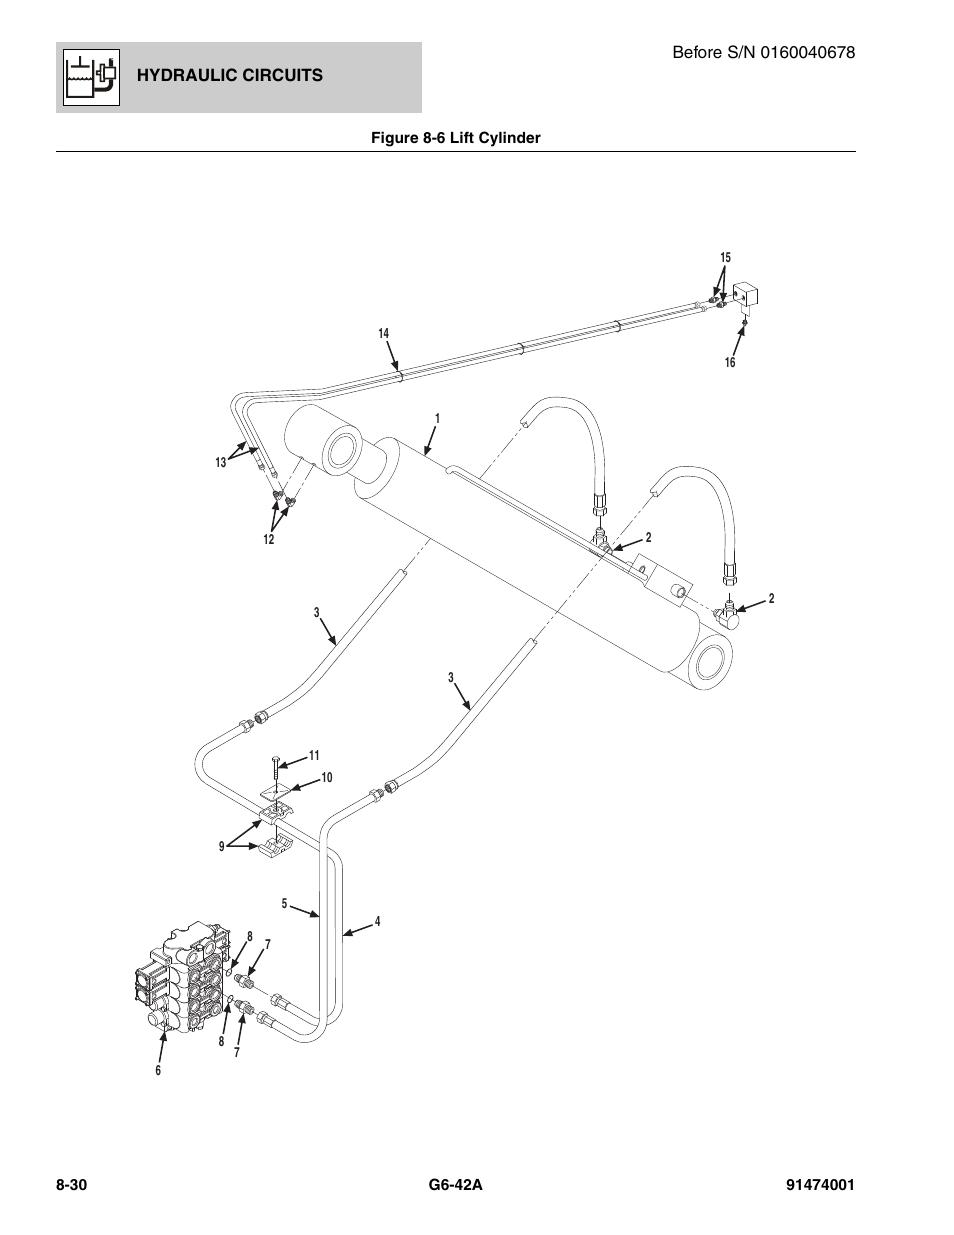 Jlg G6 42a Parts Manual